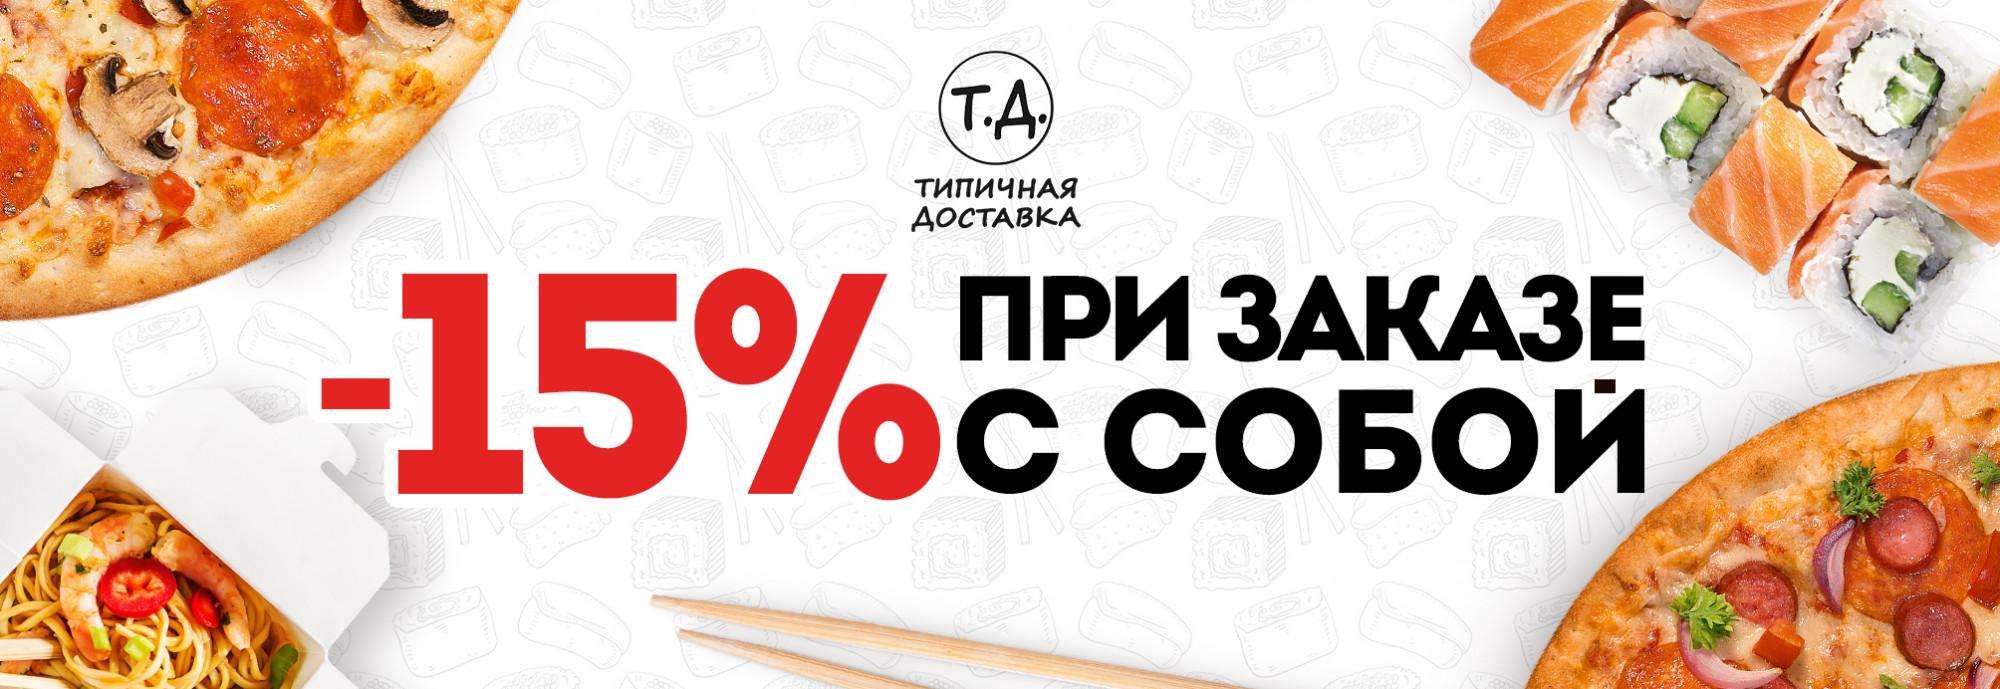 Скидка 15% при заказе с собой